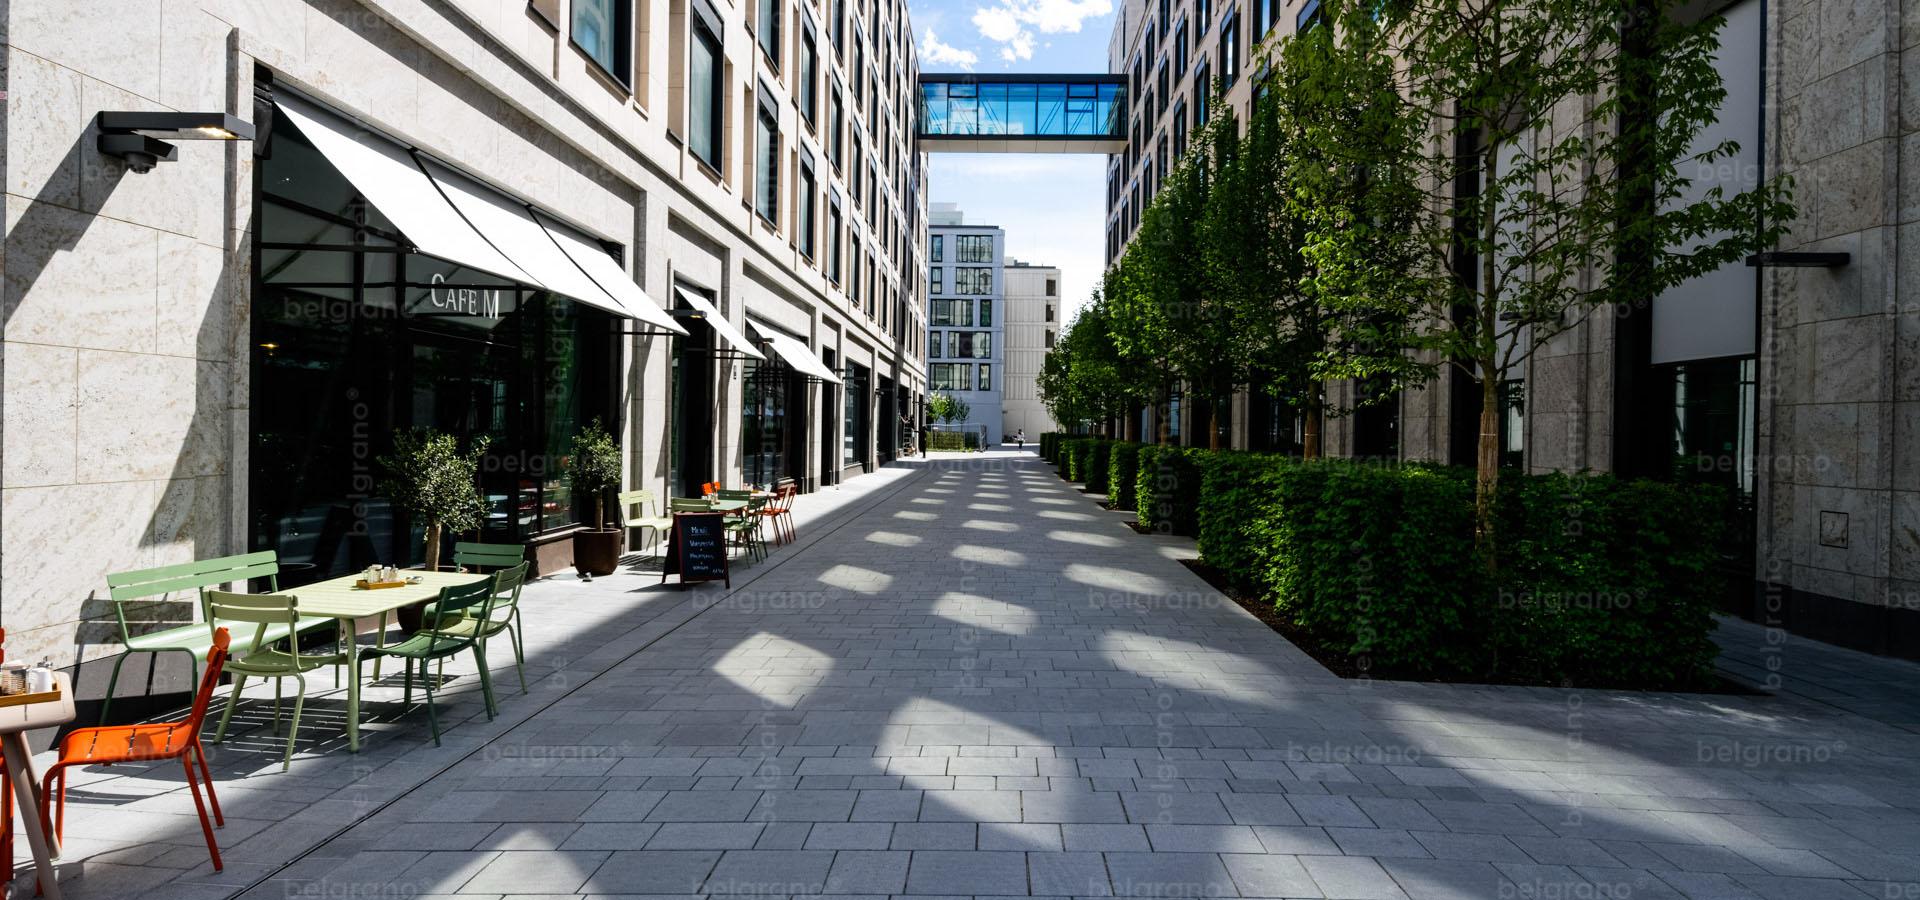 München Schwabinger Tor - mehrfarbige belgrano® Naturstein Bodenbeläge, Bodenplatten, Muldensteine und taktile Leitplatten aus Diorit und Granit